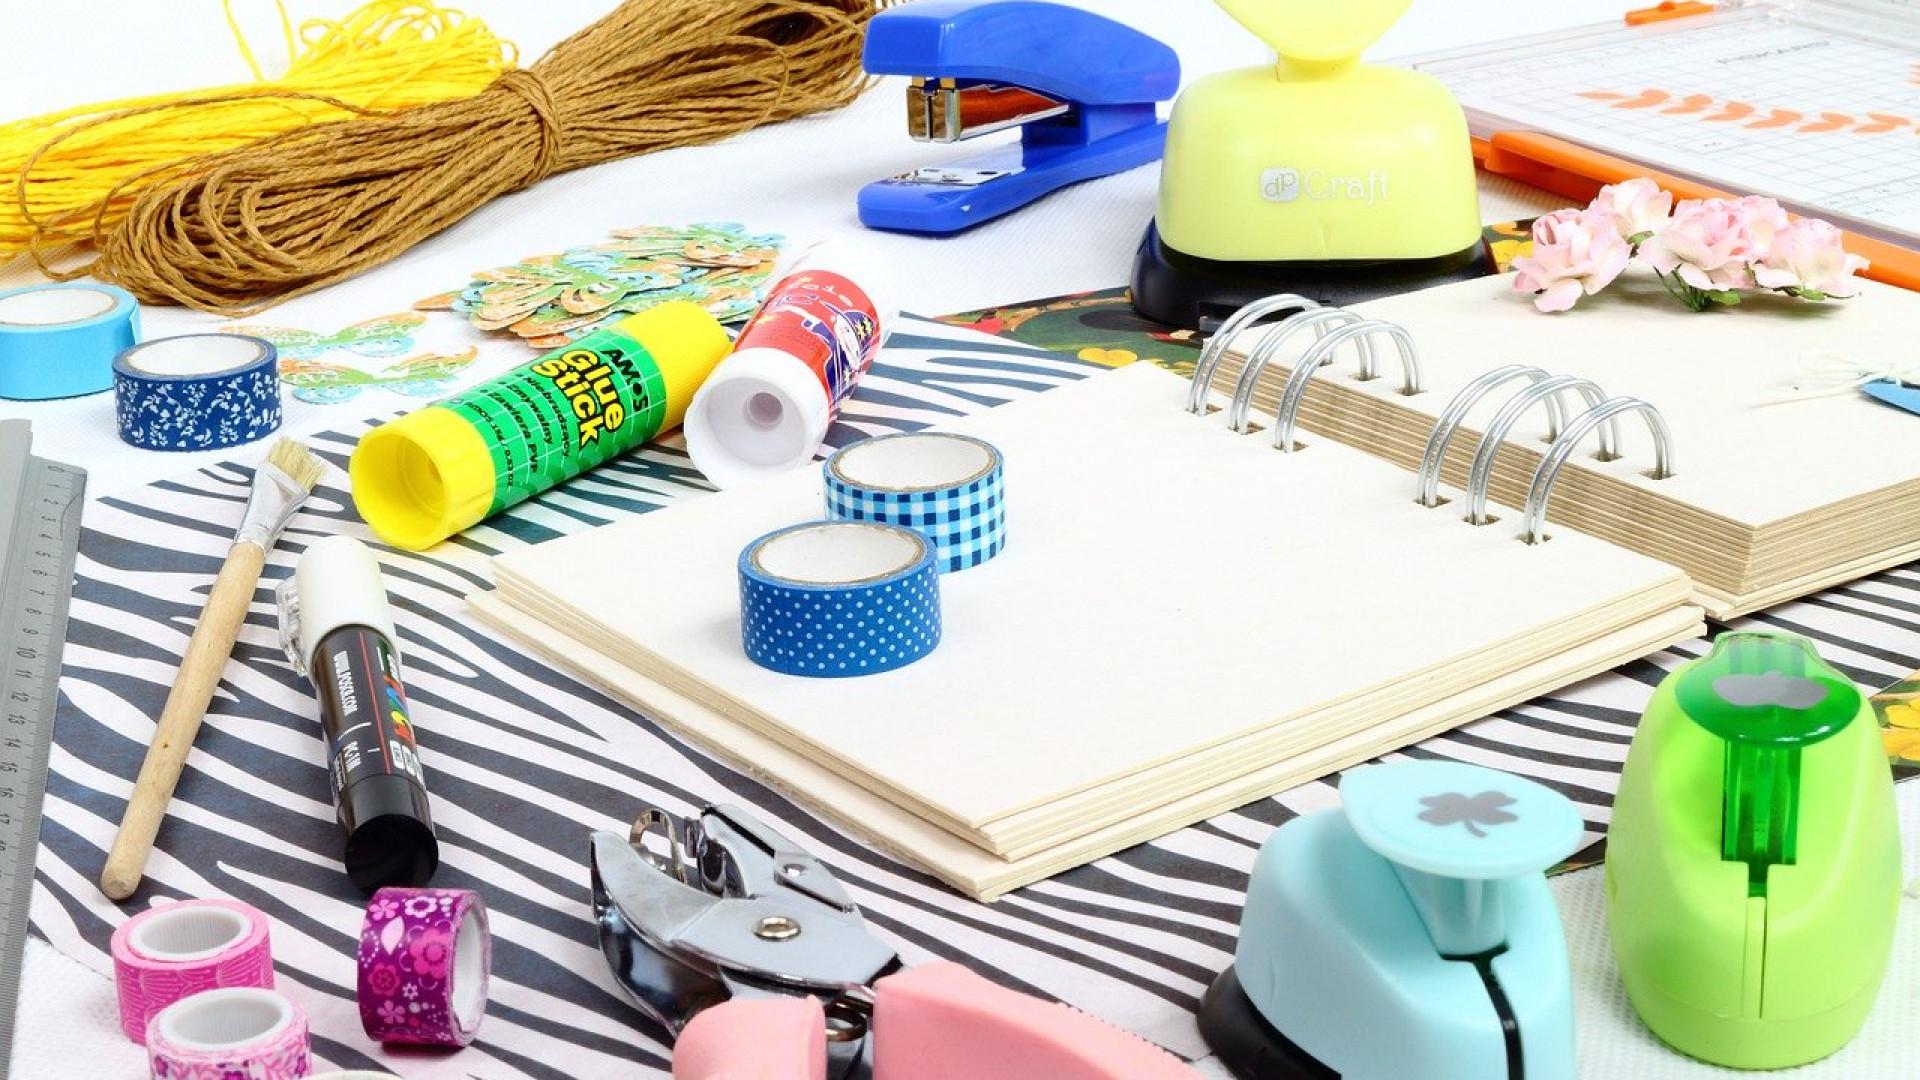 Le DIY : une activité qui se pratique de plus en plus à des fins de décoration